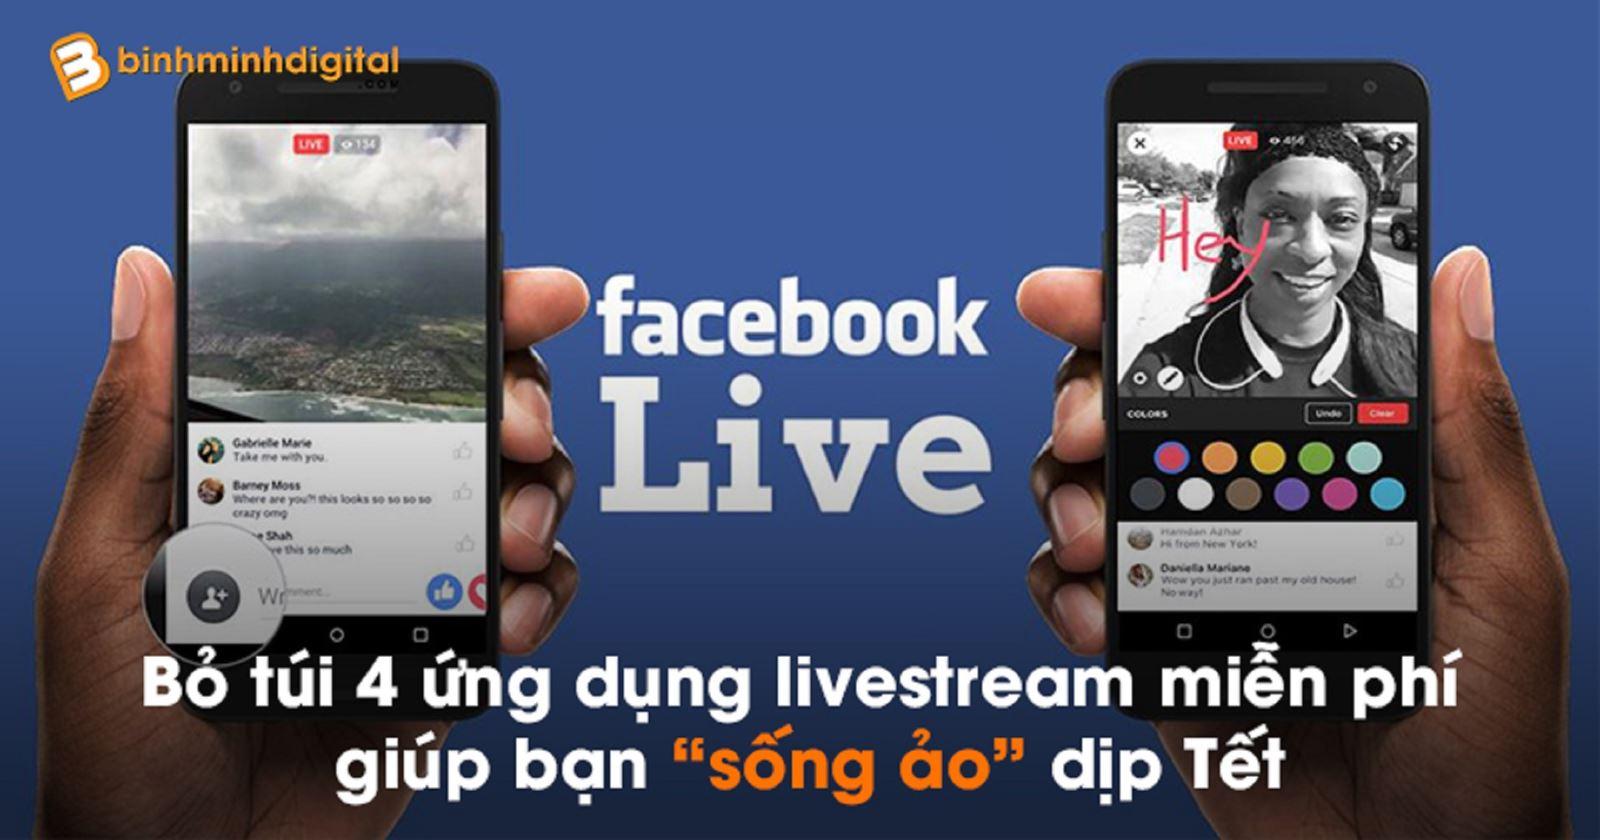 """Bỏ túi 4 ứng dụng livestream miễn phí giúpbạn """"sống ảo"""" dịp Tết"""